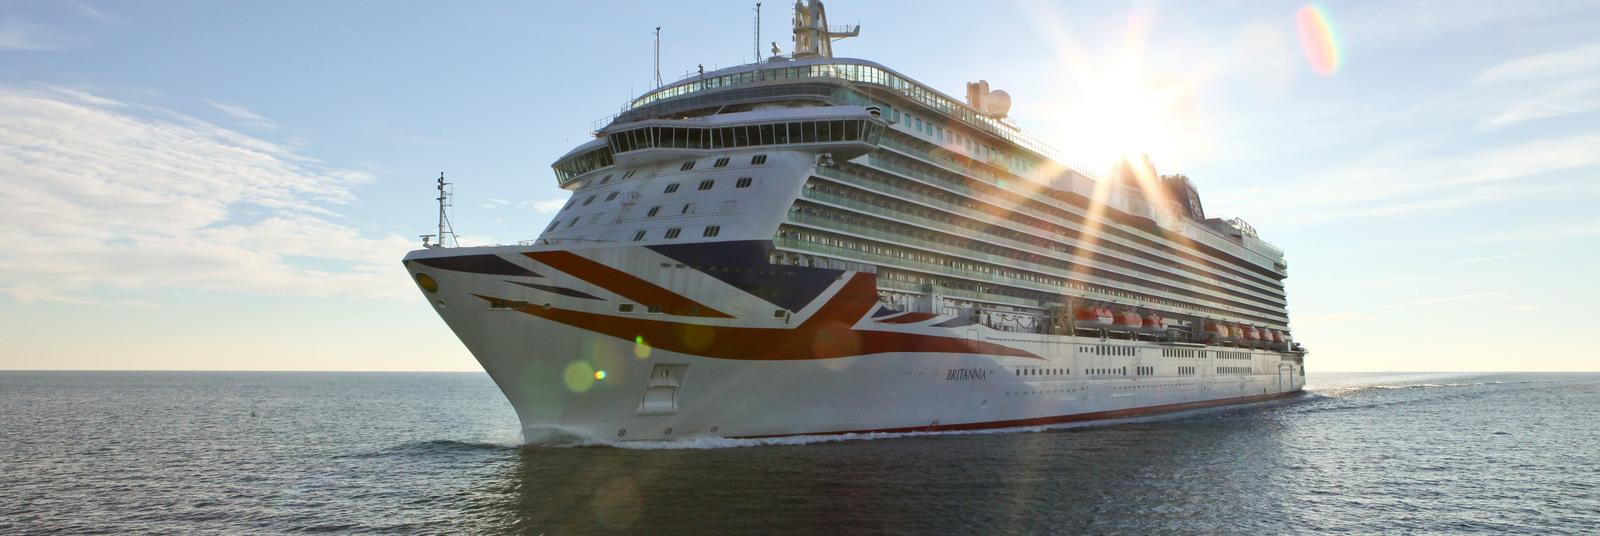 Homepage_large_p_o_cruises_britannia_exterior_img_9805